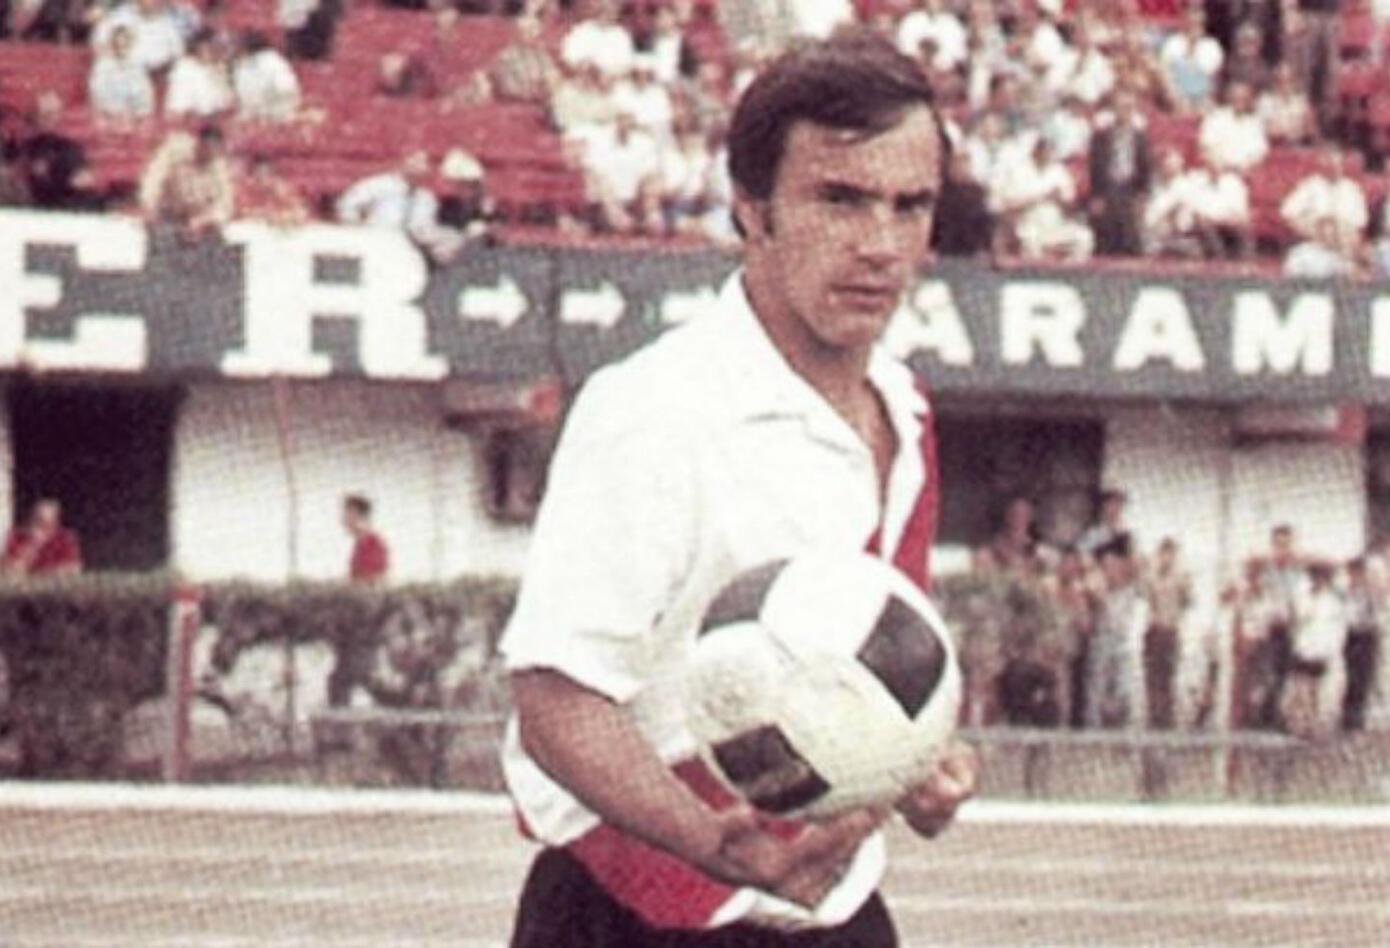 10. Oscar Pinino Más. En 1964 llegó a la primera categoría de River Plate. Ahí comenzó un camino donde marcó 198 goles en 382 partidos.